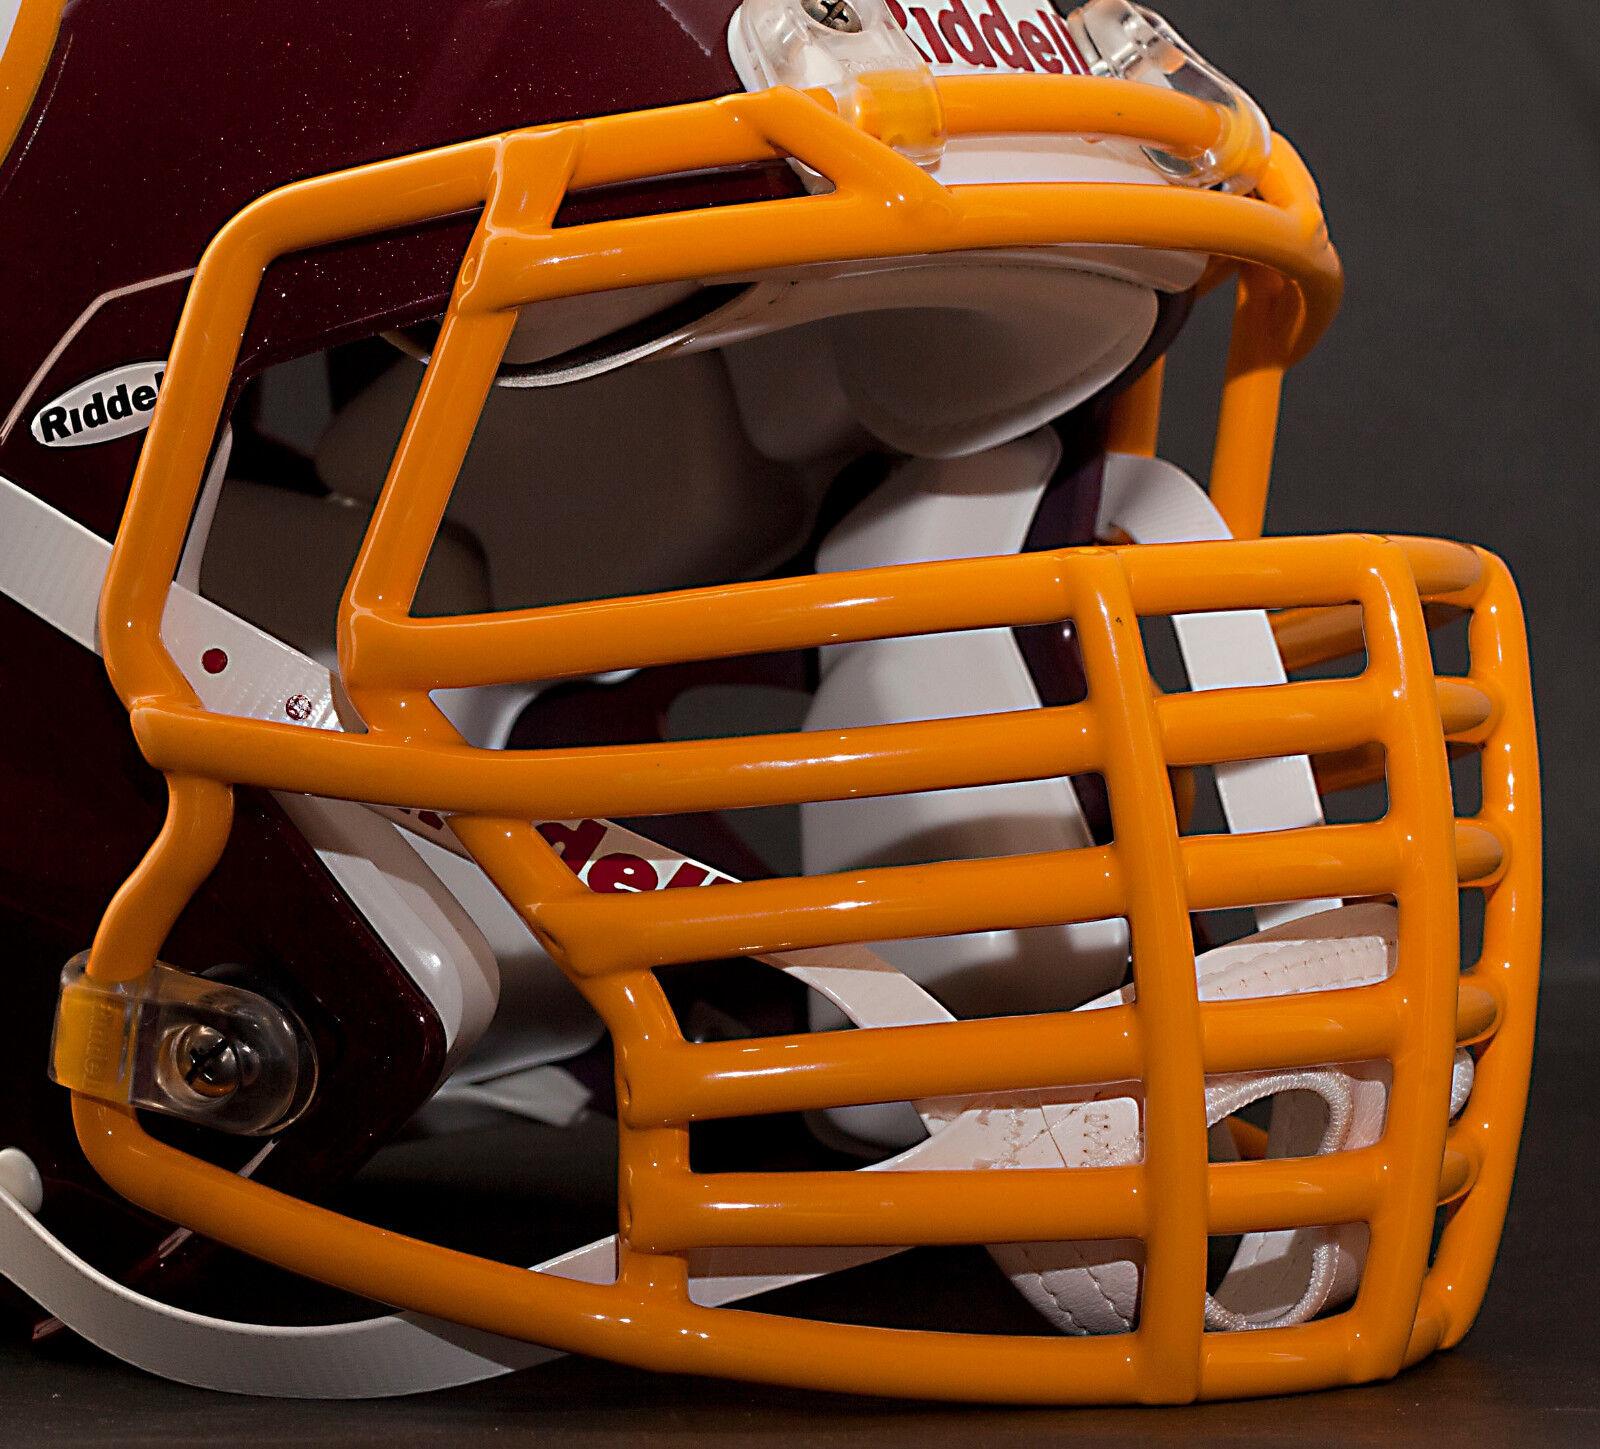 Riddell Revolution SPEED S2BDC-HT-LW S-Bar Football Helmet Facemask - gold